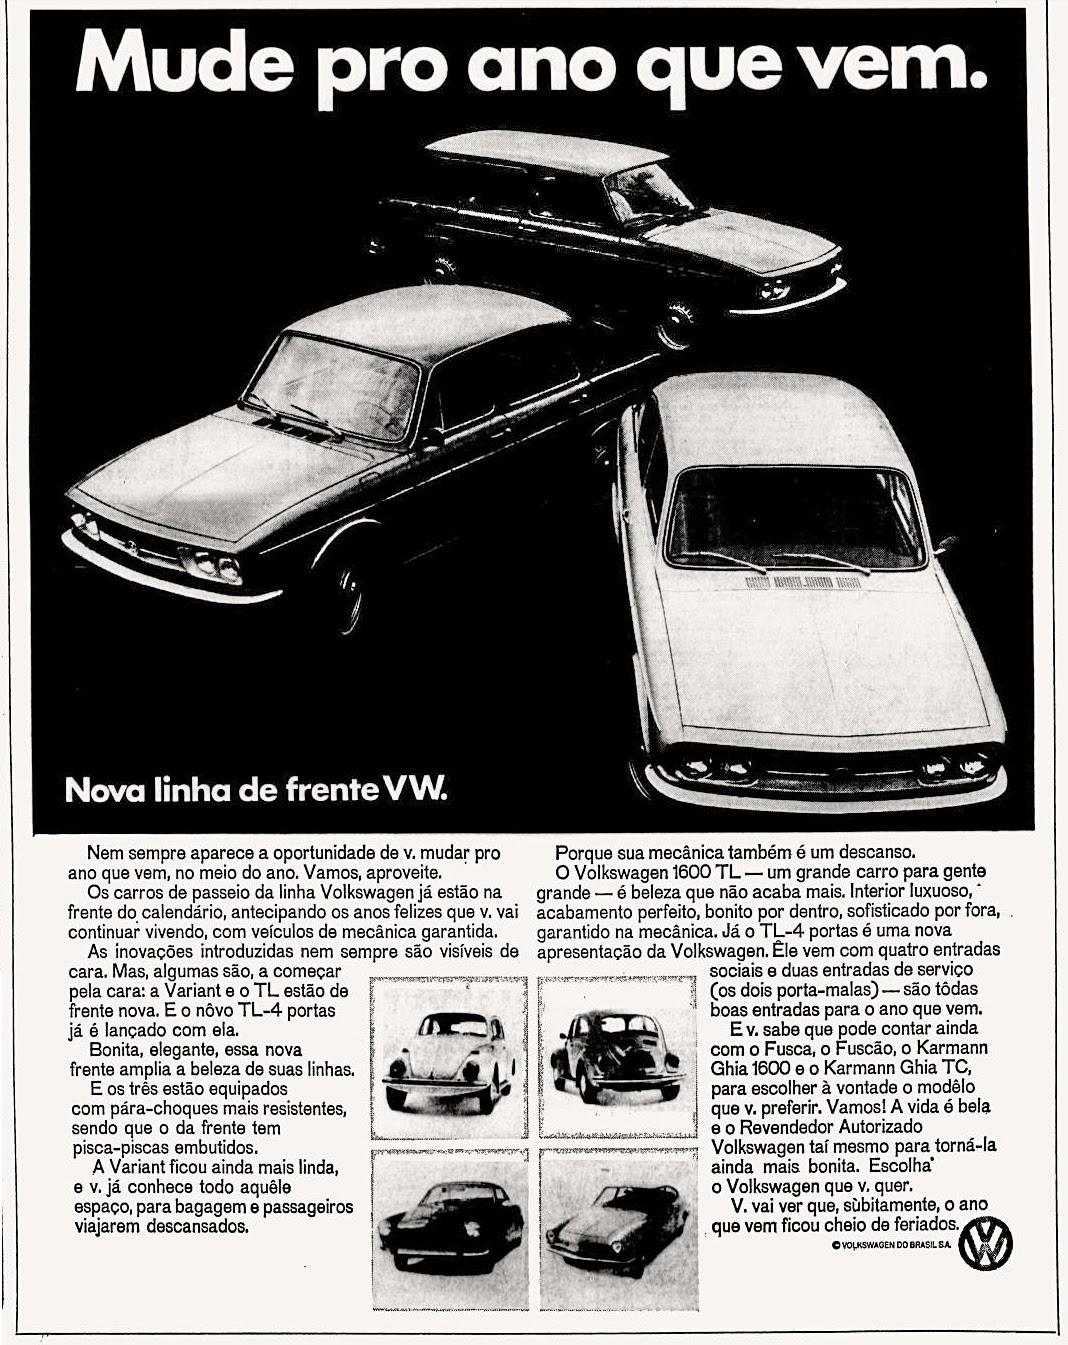 Volks anos 70; 1971; brazilian advertising cars in the 70s; os anos 70; história da década de 70; Brazil in the 70s; propaganda carros anos 70; Oswaldo Hernandez;